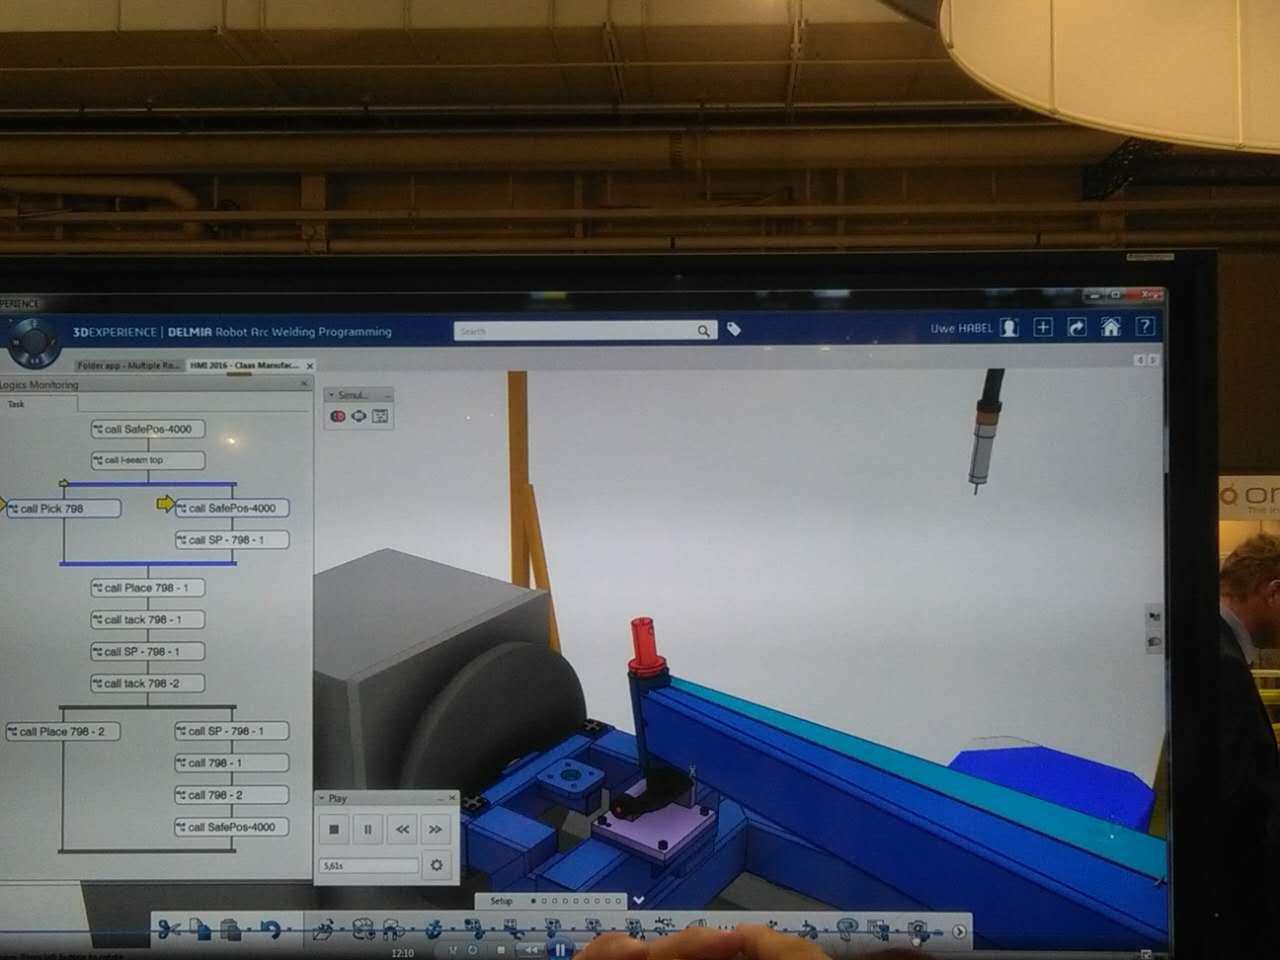 离线机器人编程可以通过达索3d体验平台进行直观